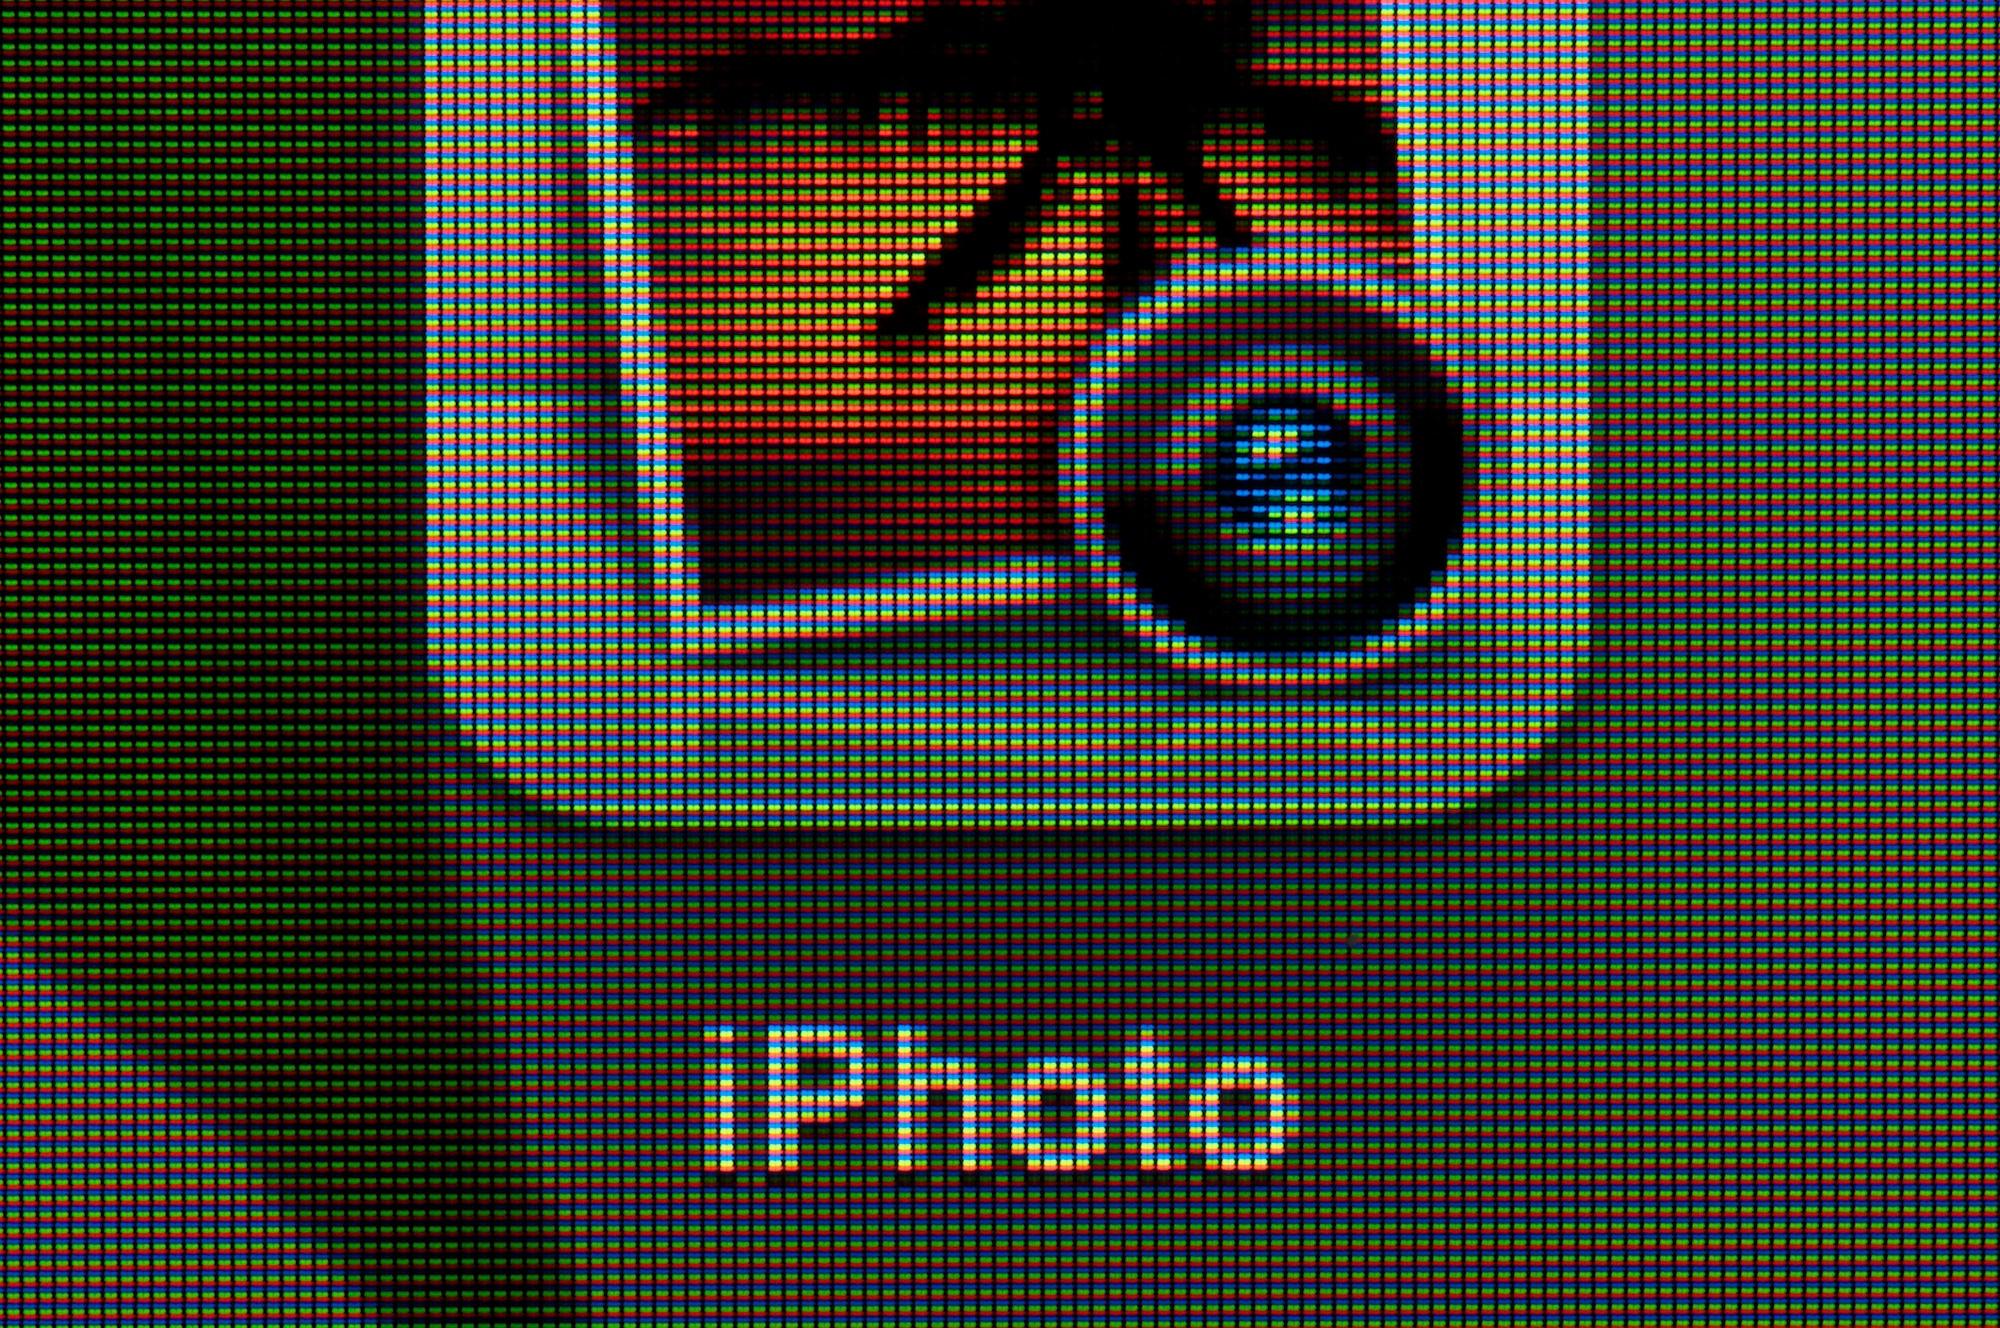 iPad 3 im Test: Gut für Einsteiger, nichts für iPad-2-Besitzer - ... und hier das iPad 2. Die Bilder sind mit einem Nikon-105er-Makro aufgenommen worden.